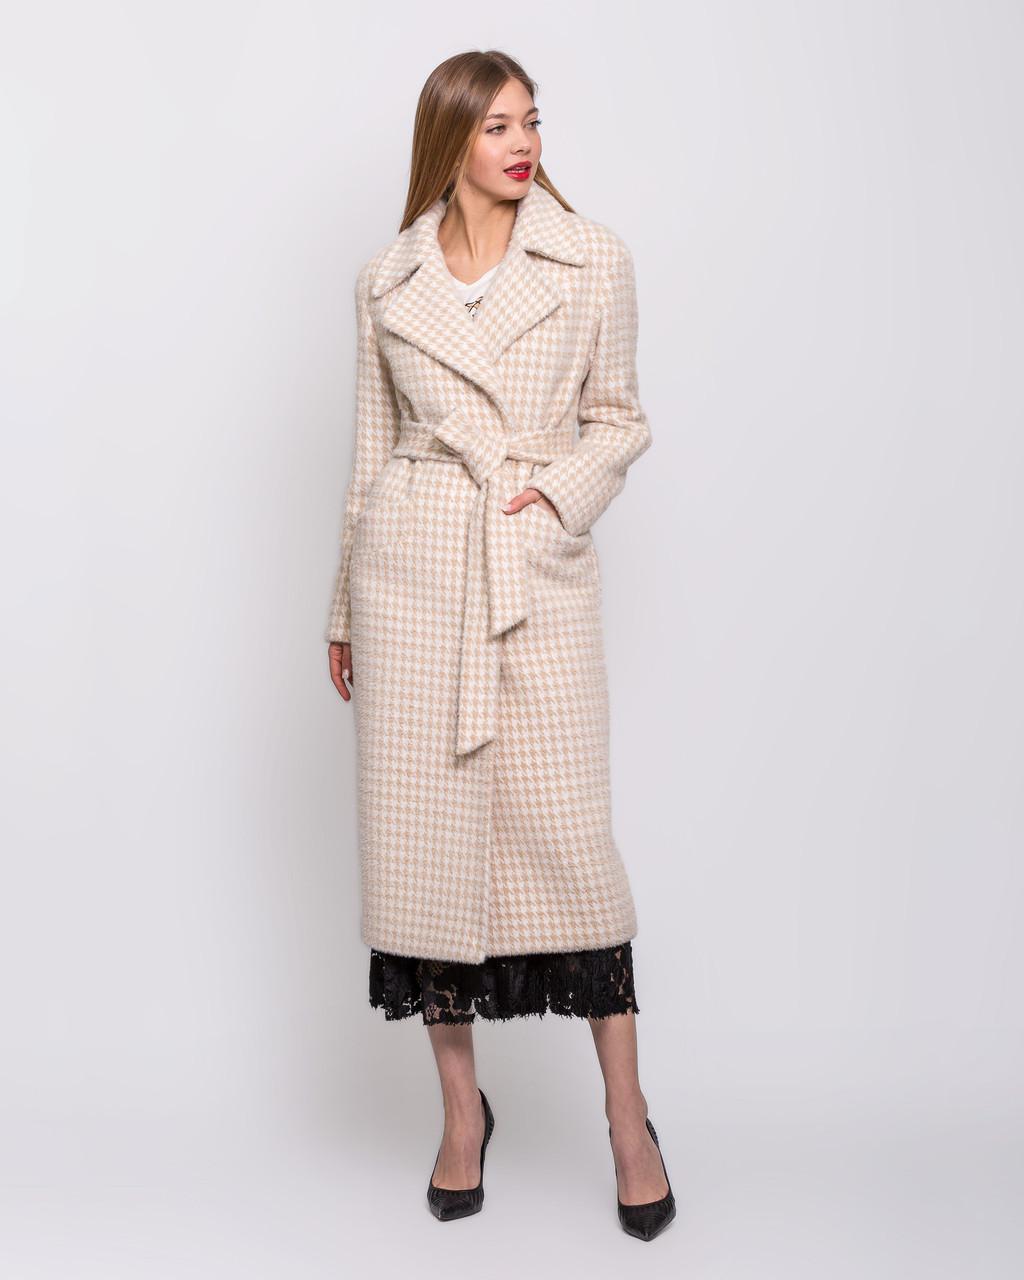 Модное пальтос в клетку кашемир 42 по 54 размер  весна 2020